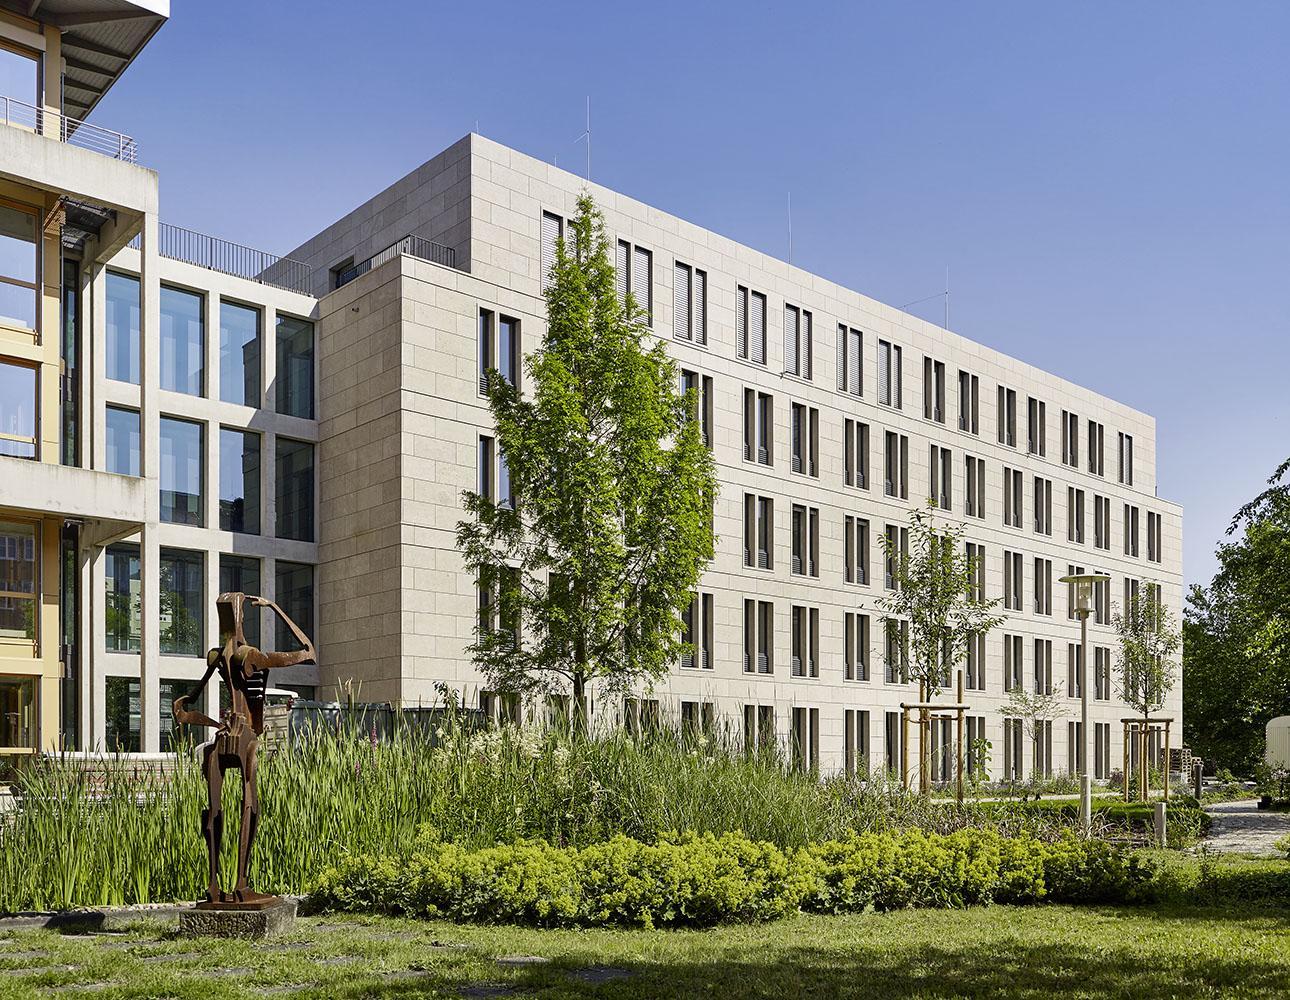 Erweiterungsbau Kommunaler Versorgungsverband Sachsen